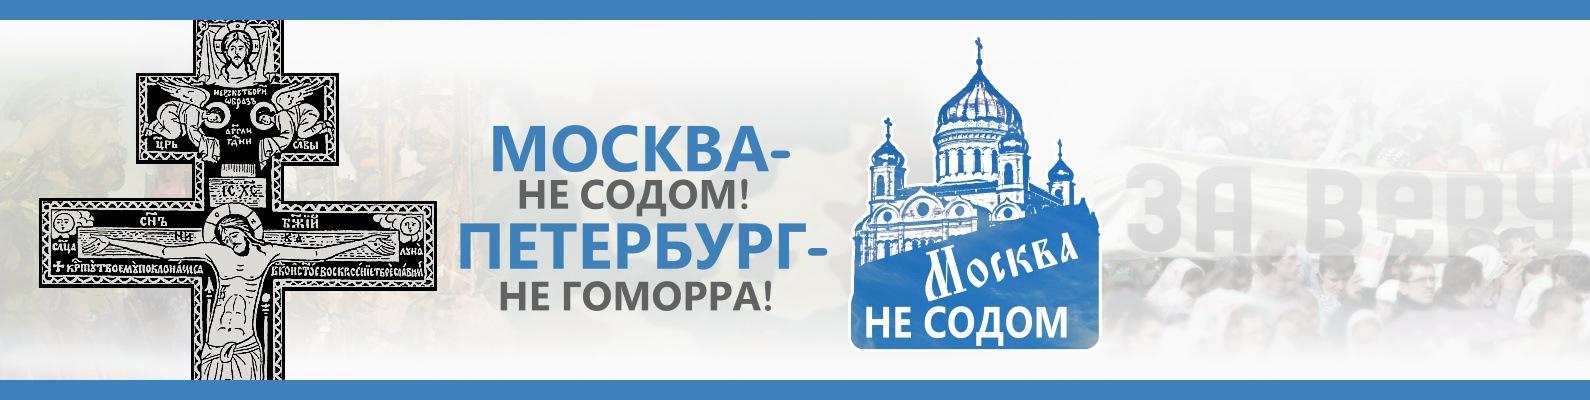 Великий посто и секс статистика в москве